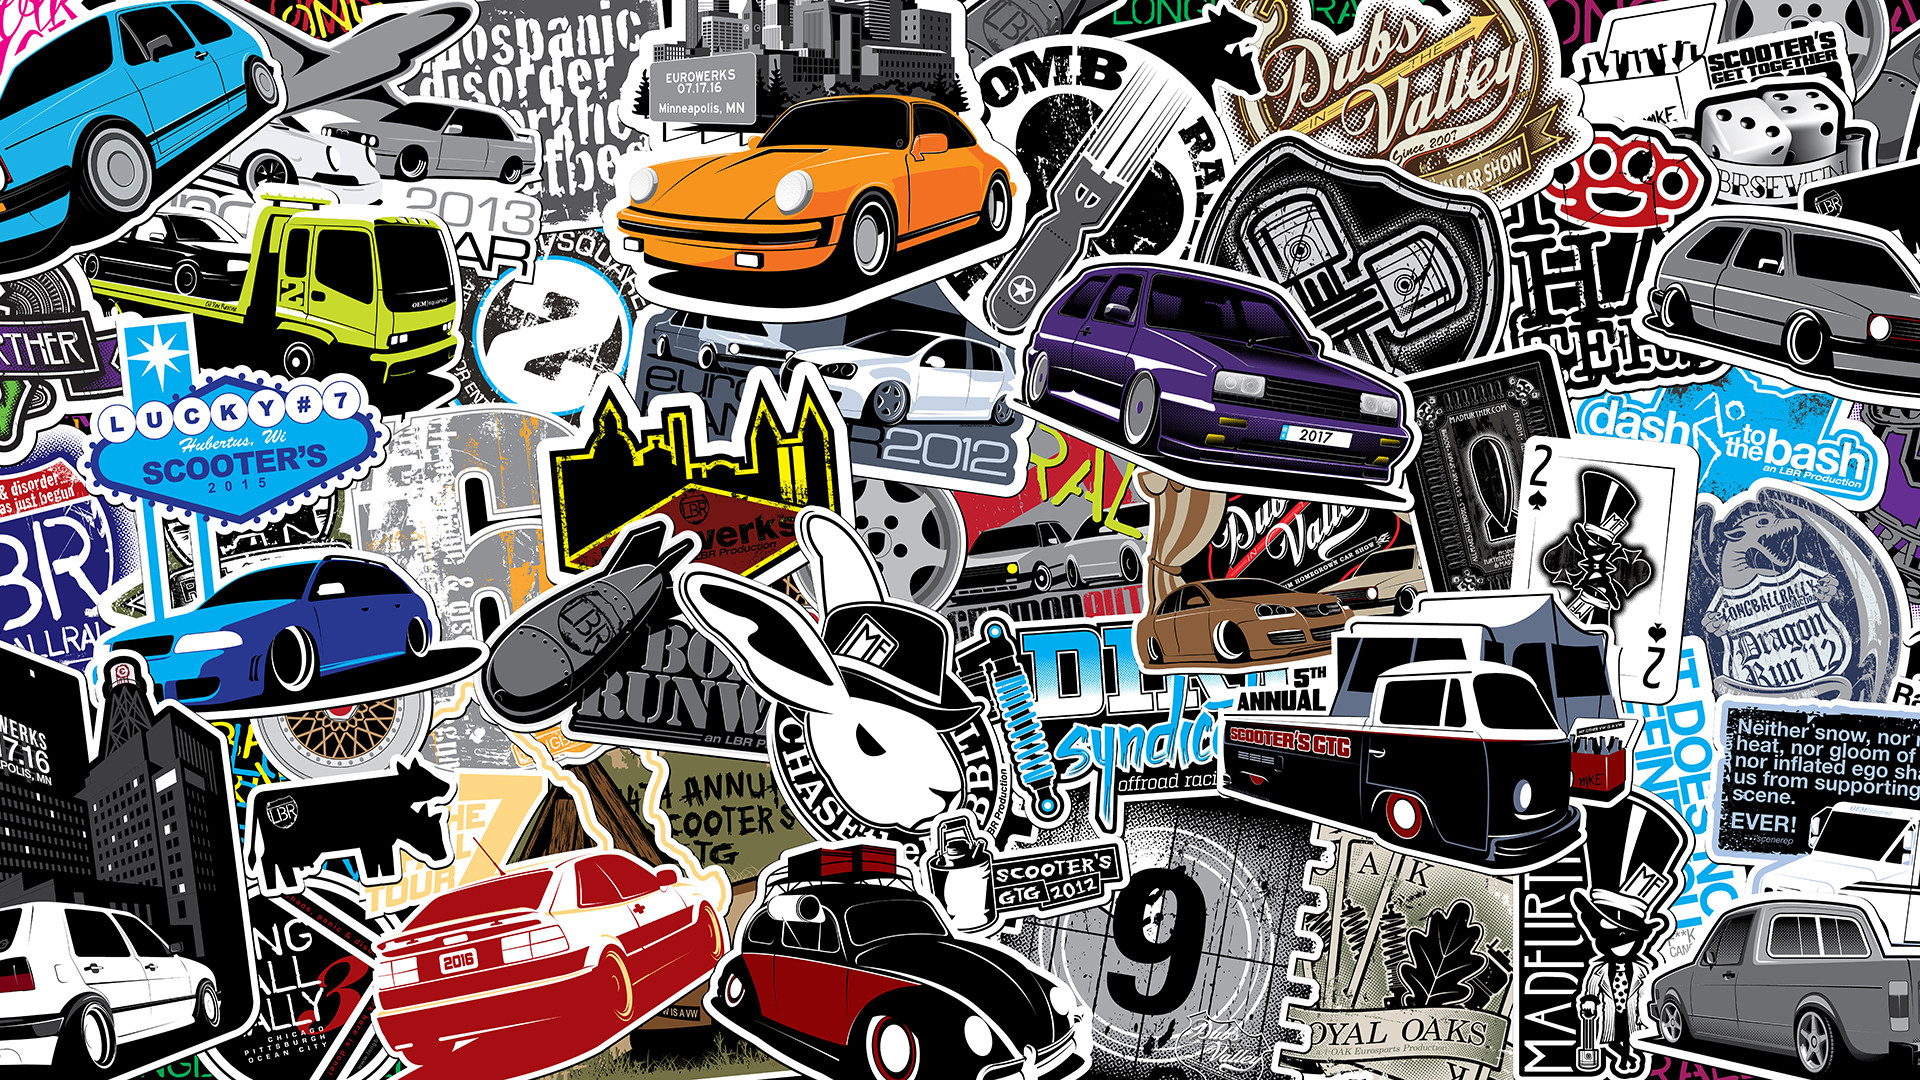 Honda City Car Hd Wallpaper Download Sticker Bomb Wallpaper Hd 63 Images